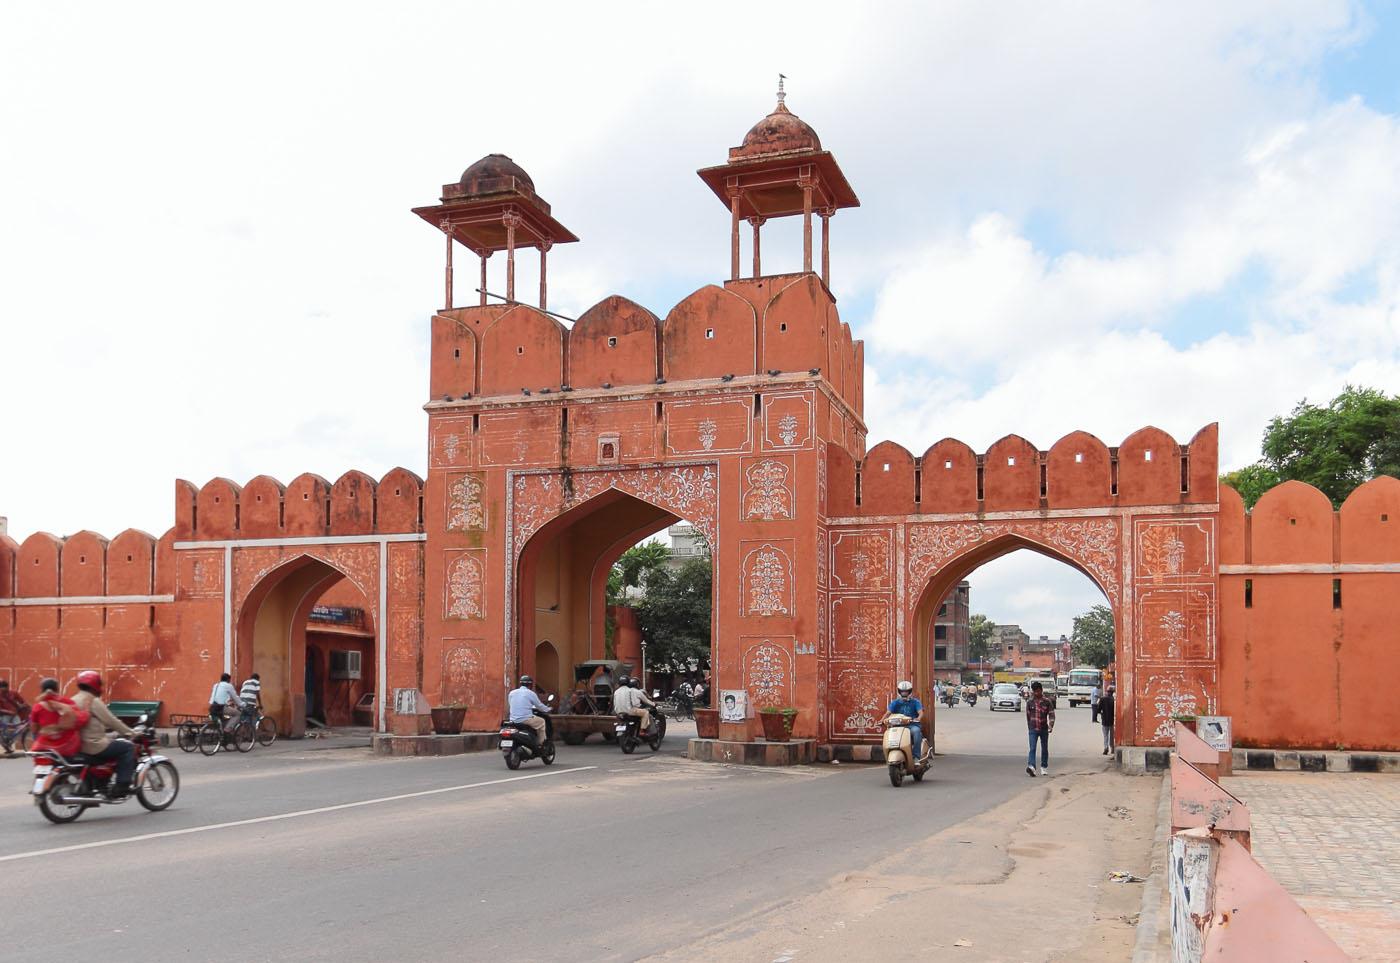 Фото 4. Отчет об экскурсии по Золотому треугольнику Индии. Ворота Джайпура